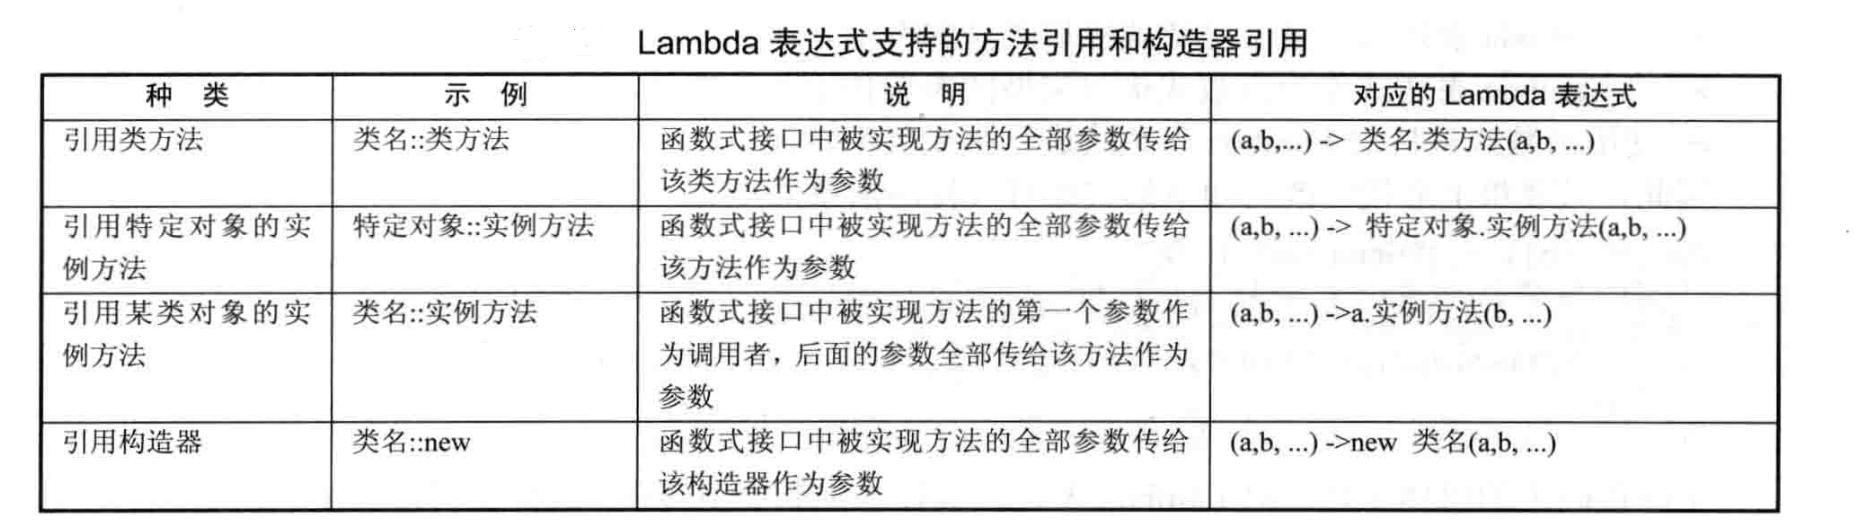 lambda表达式支持的方法引用和构造器引用